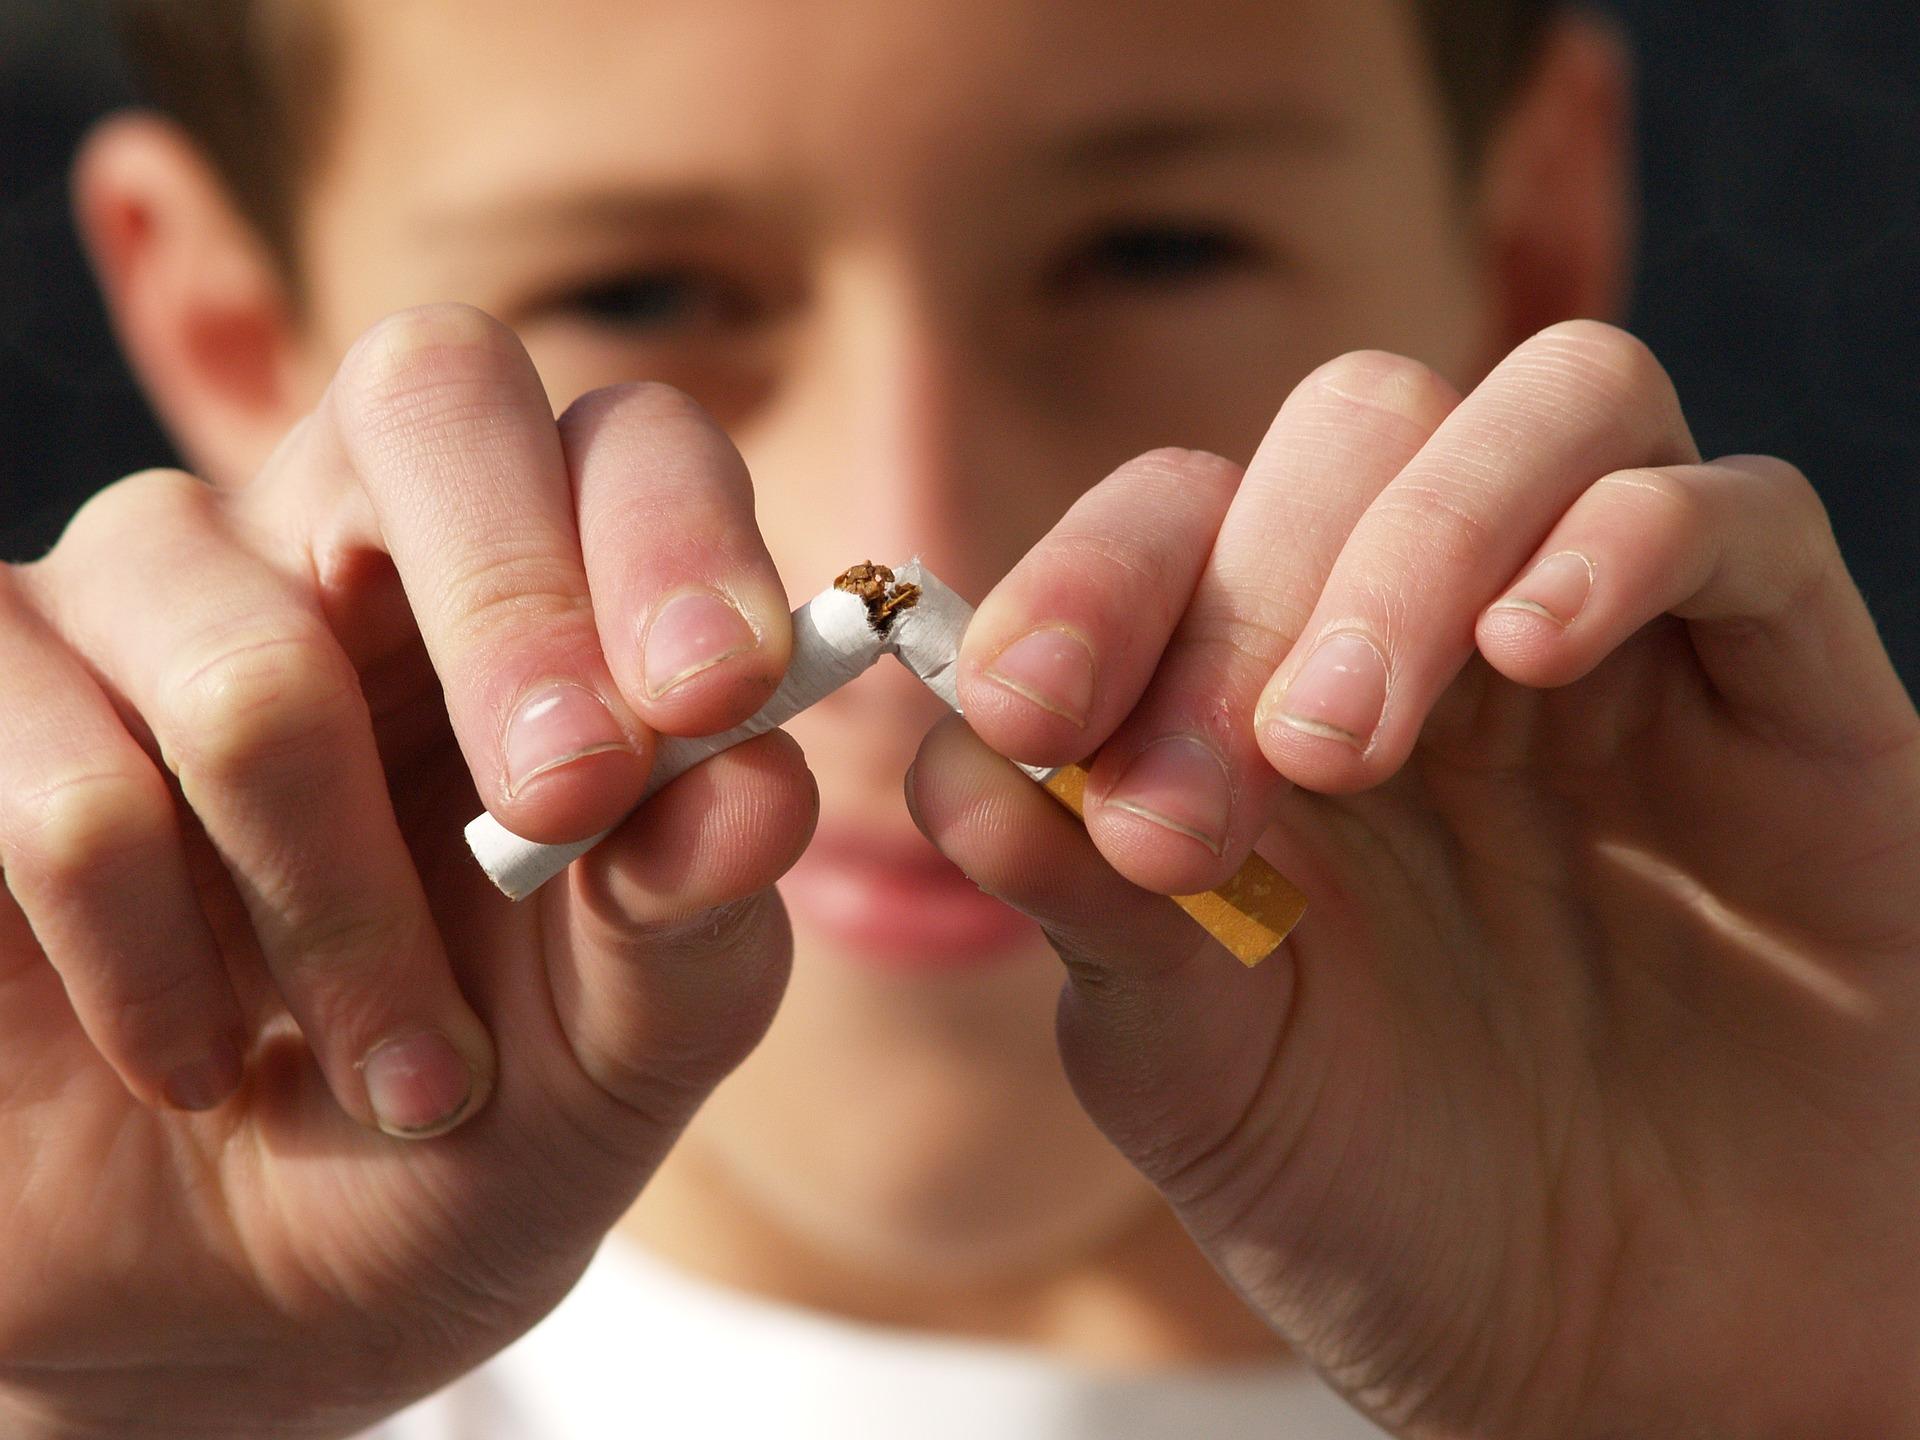 Skončení s kouřením může významně snížit riziko rakoviny